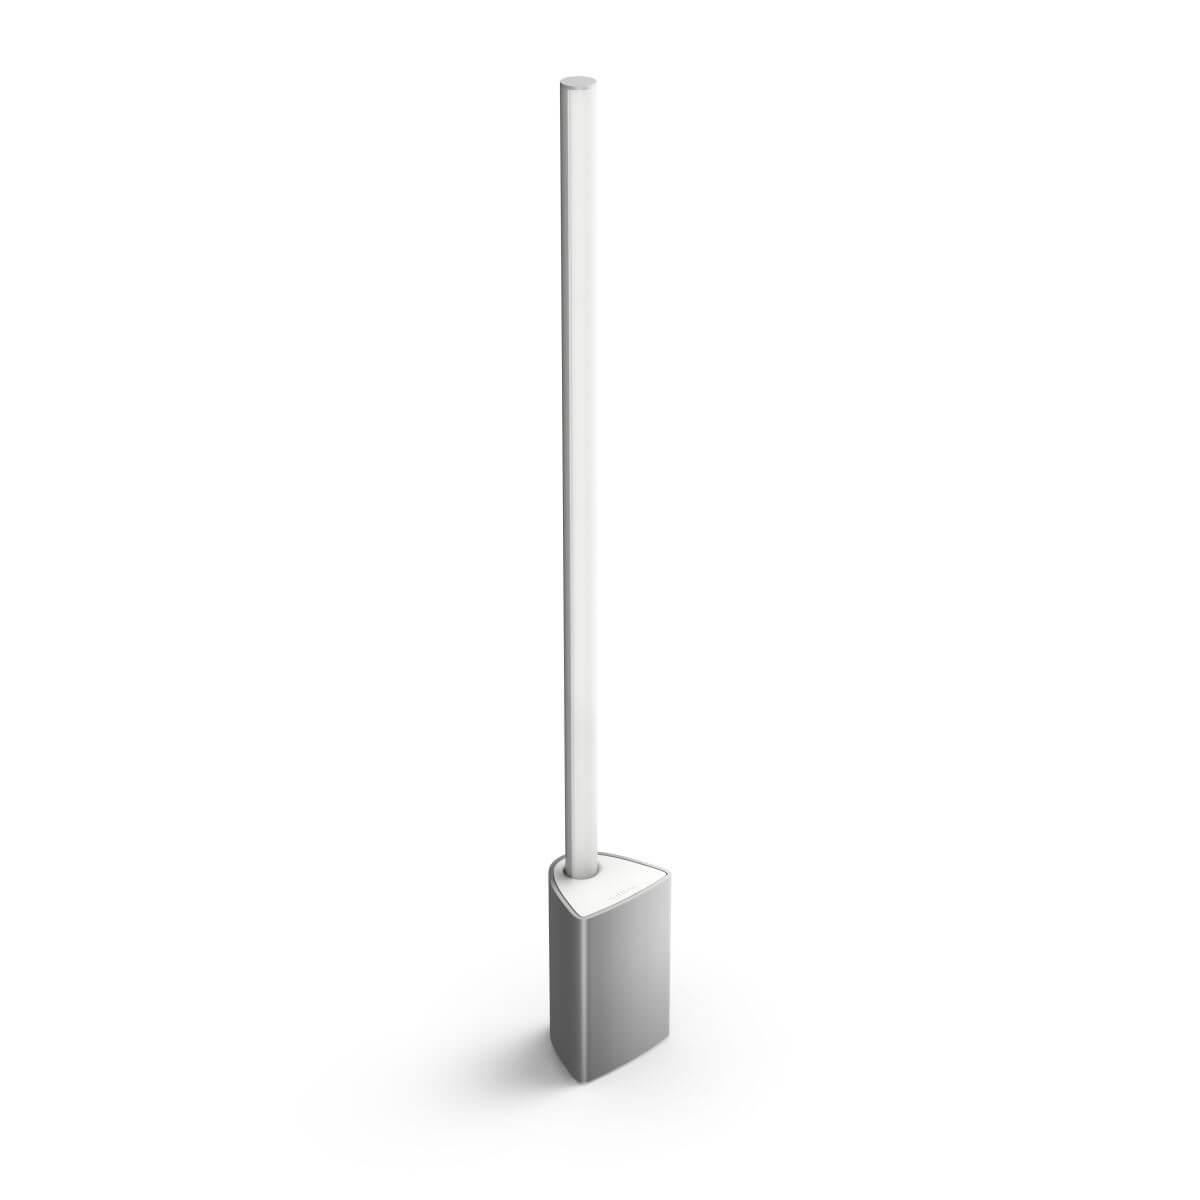 Philips Hue White & Color Ambiance LED Tischleuchte Stehleuchte Signe Bluetooth und ZigBee IP20